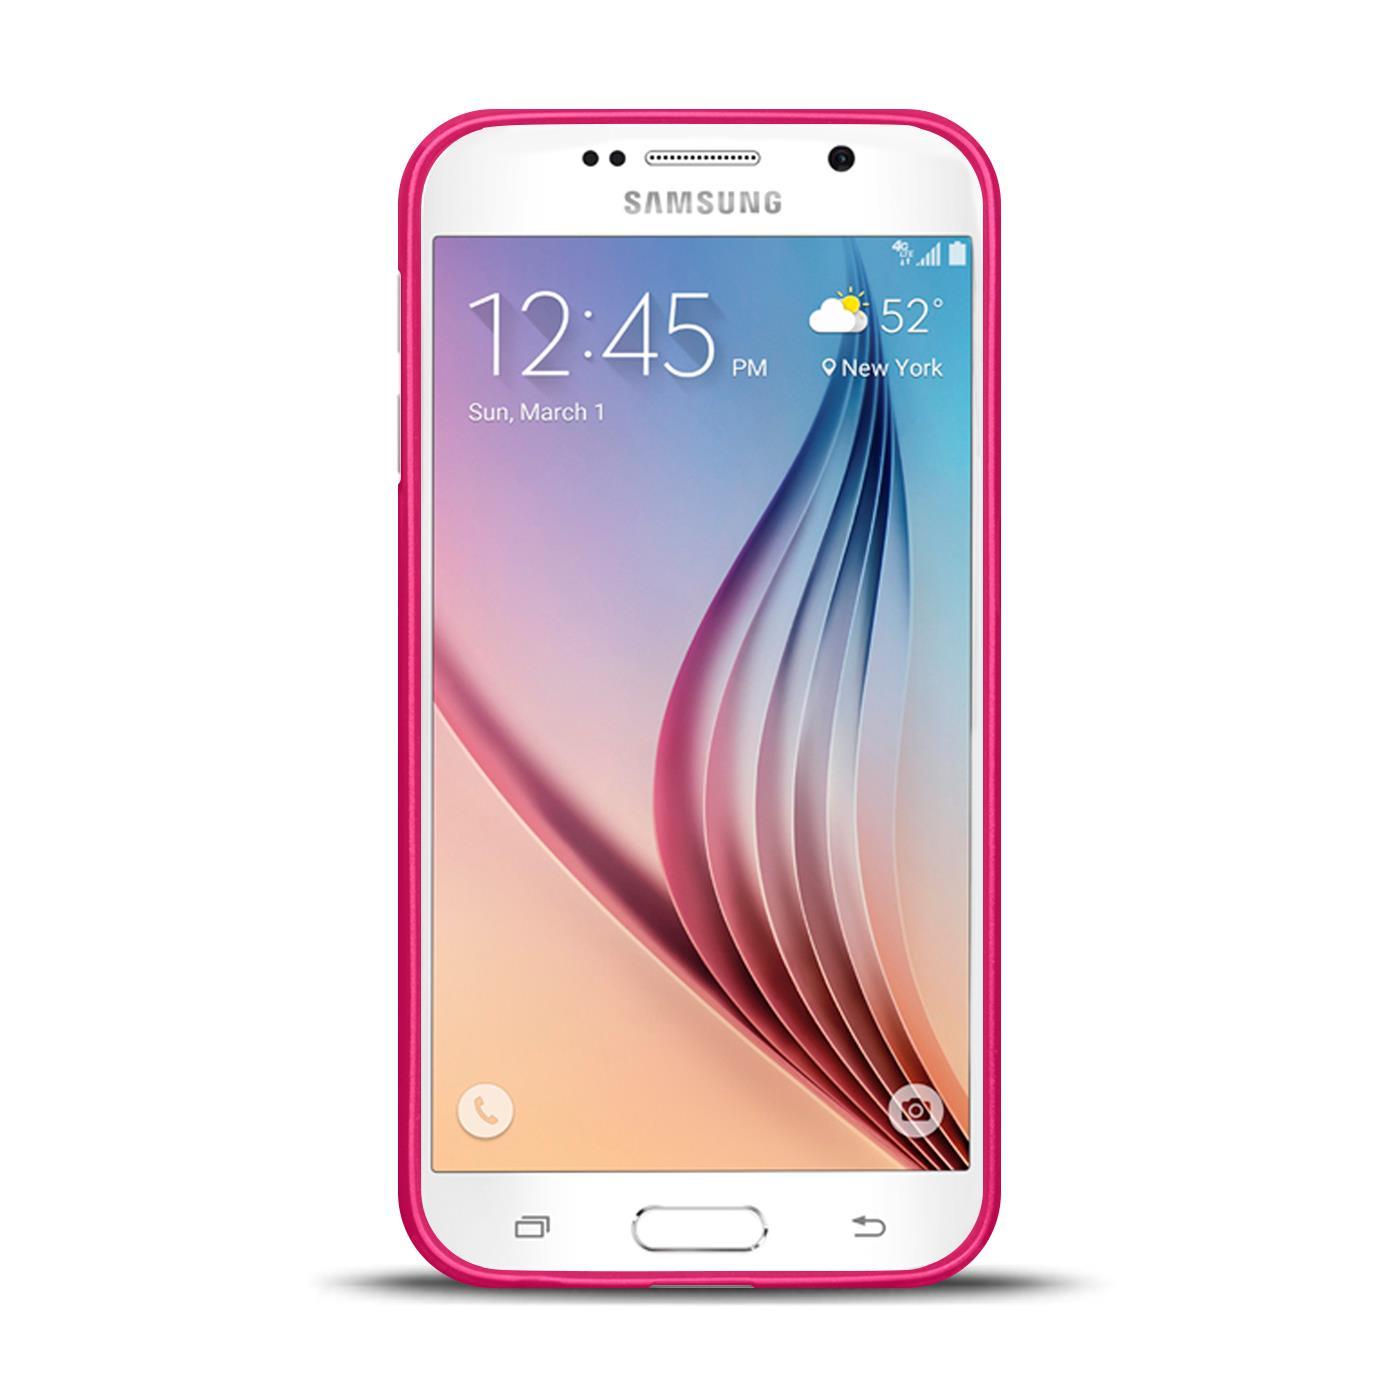 Silikon-Bumper-Case-fuer-Samsung-Galaxy-s6-duenne-ultra-slim-Stossfeste-Rueckschale Indexbild 31